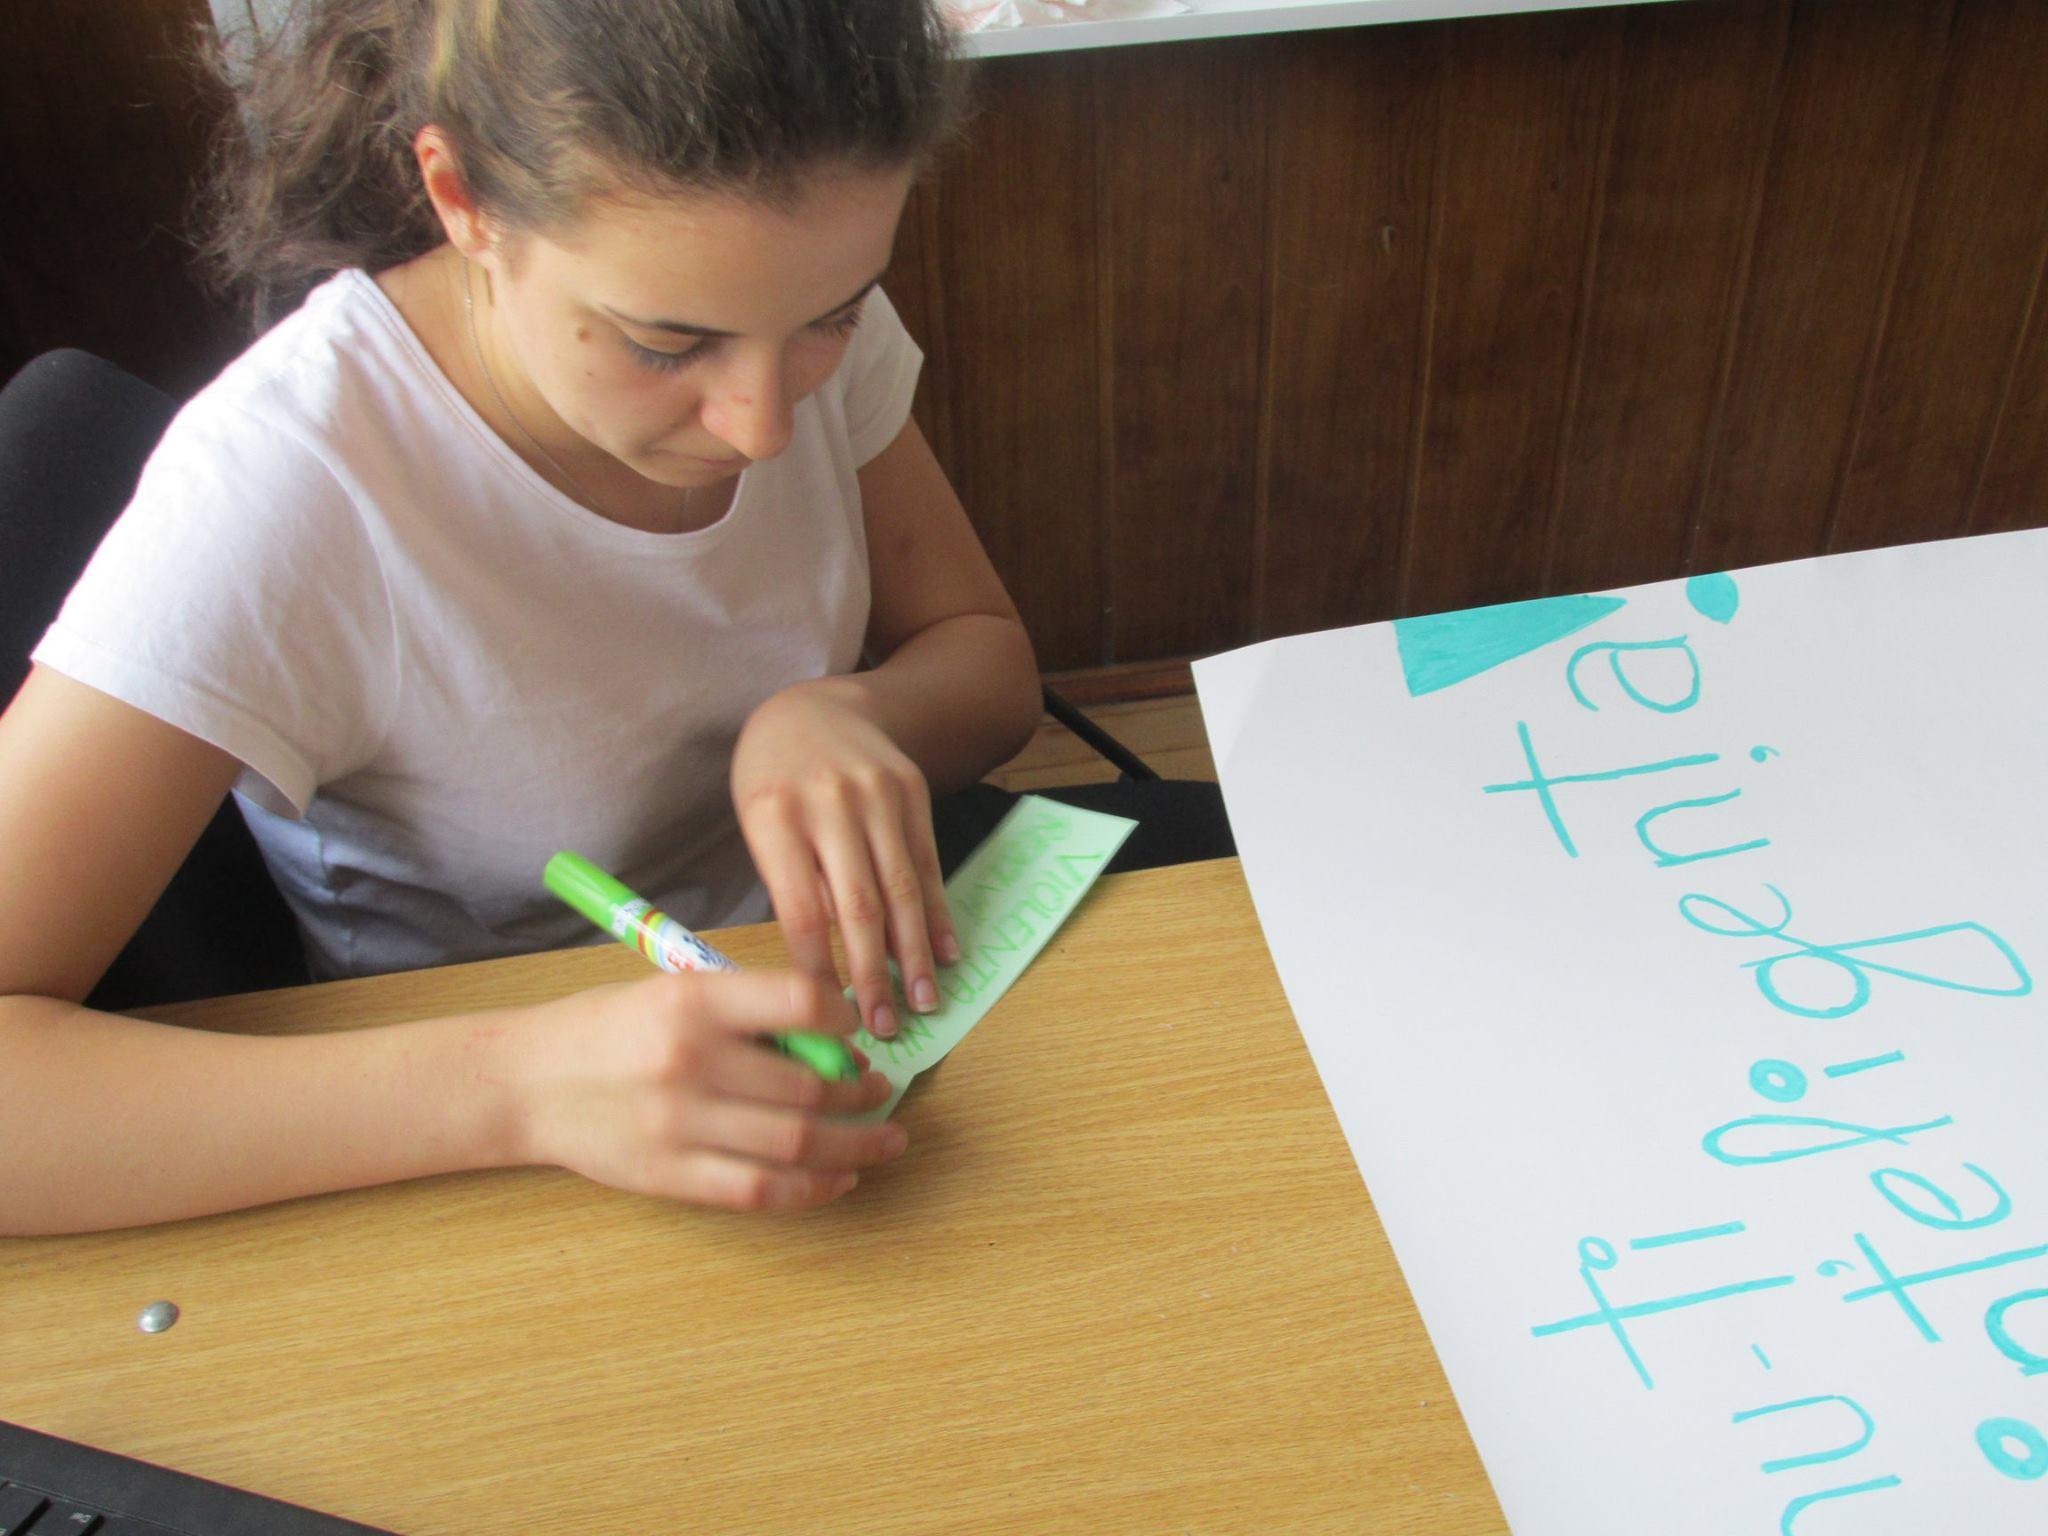 6 Proiect Viata fara Violena - Ana Hristea - clasa a-IX-a B – Colegiul National Mihai Eminescu